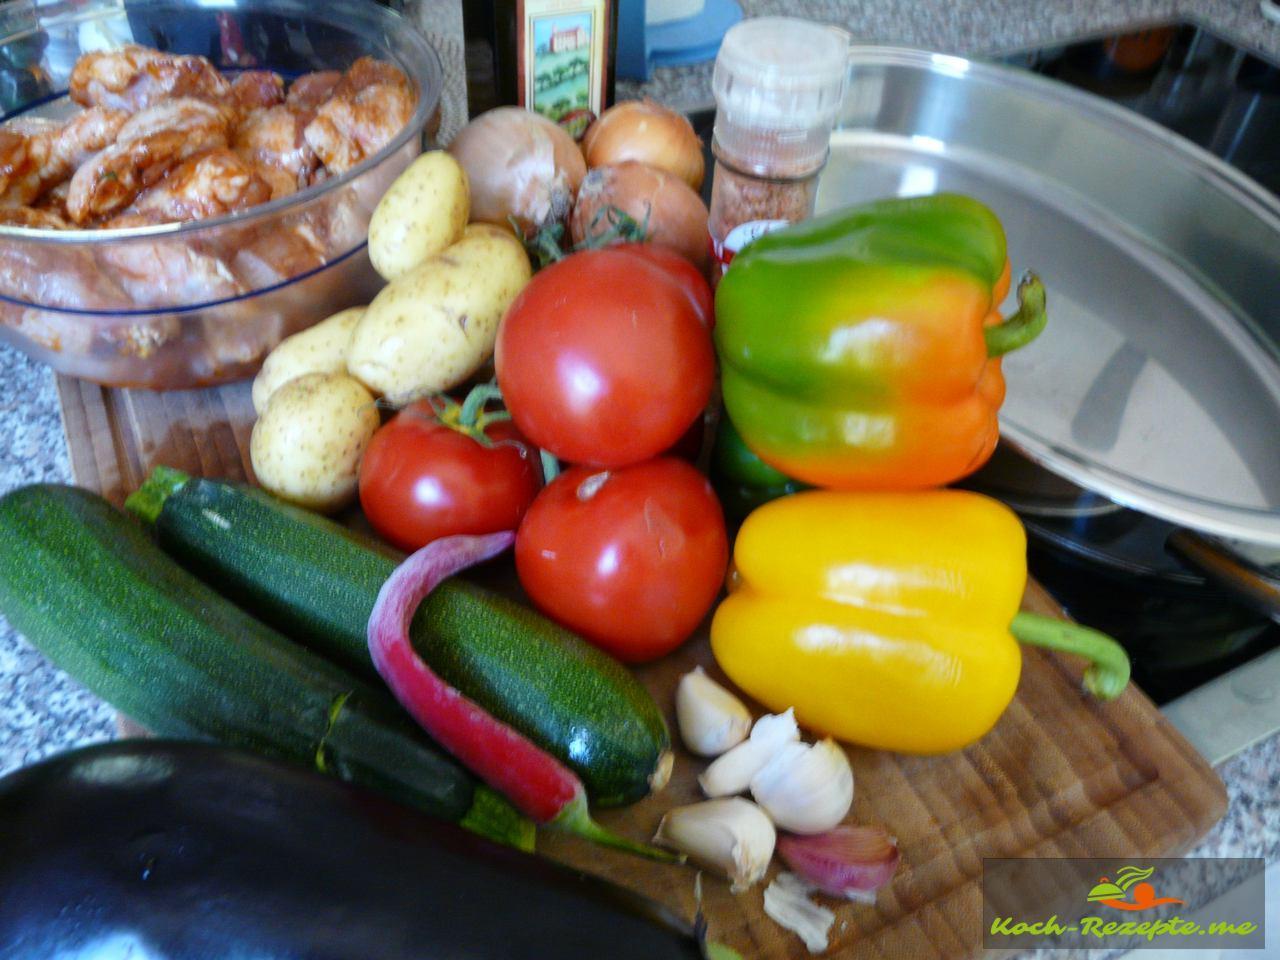 Zutaten: Zucchini,Paprika,Tomaten, Zwiebeln,Auberginen, Knoblauch,Kartoffeln,Fenchelknolle,Chili, Olivenöl, geräuchertes Chilisalz,Hähnchenteile